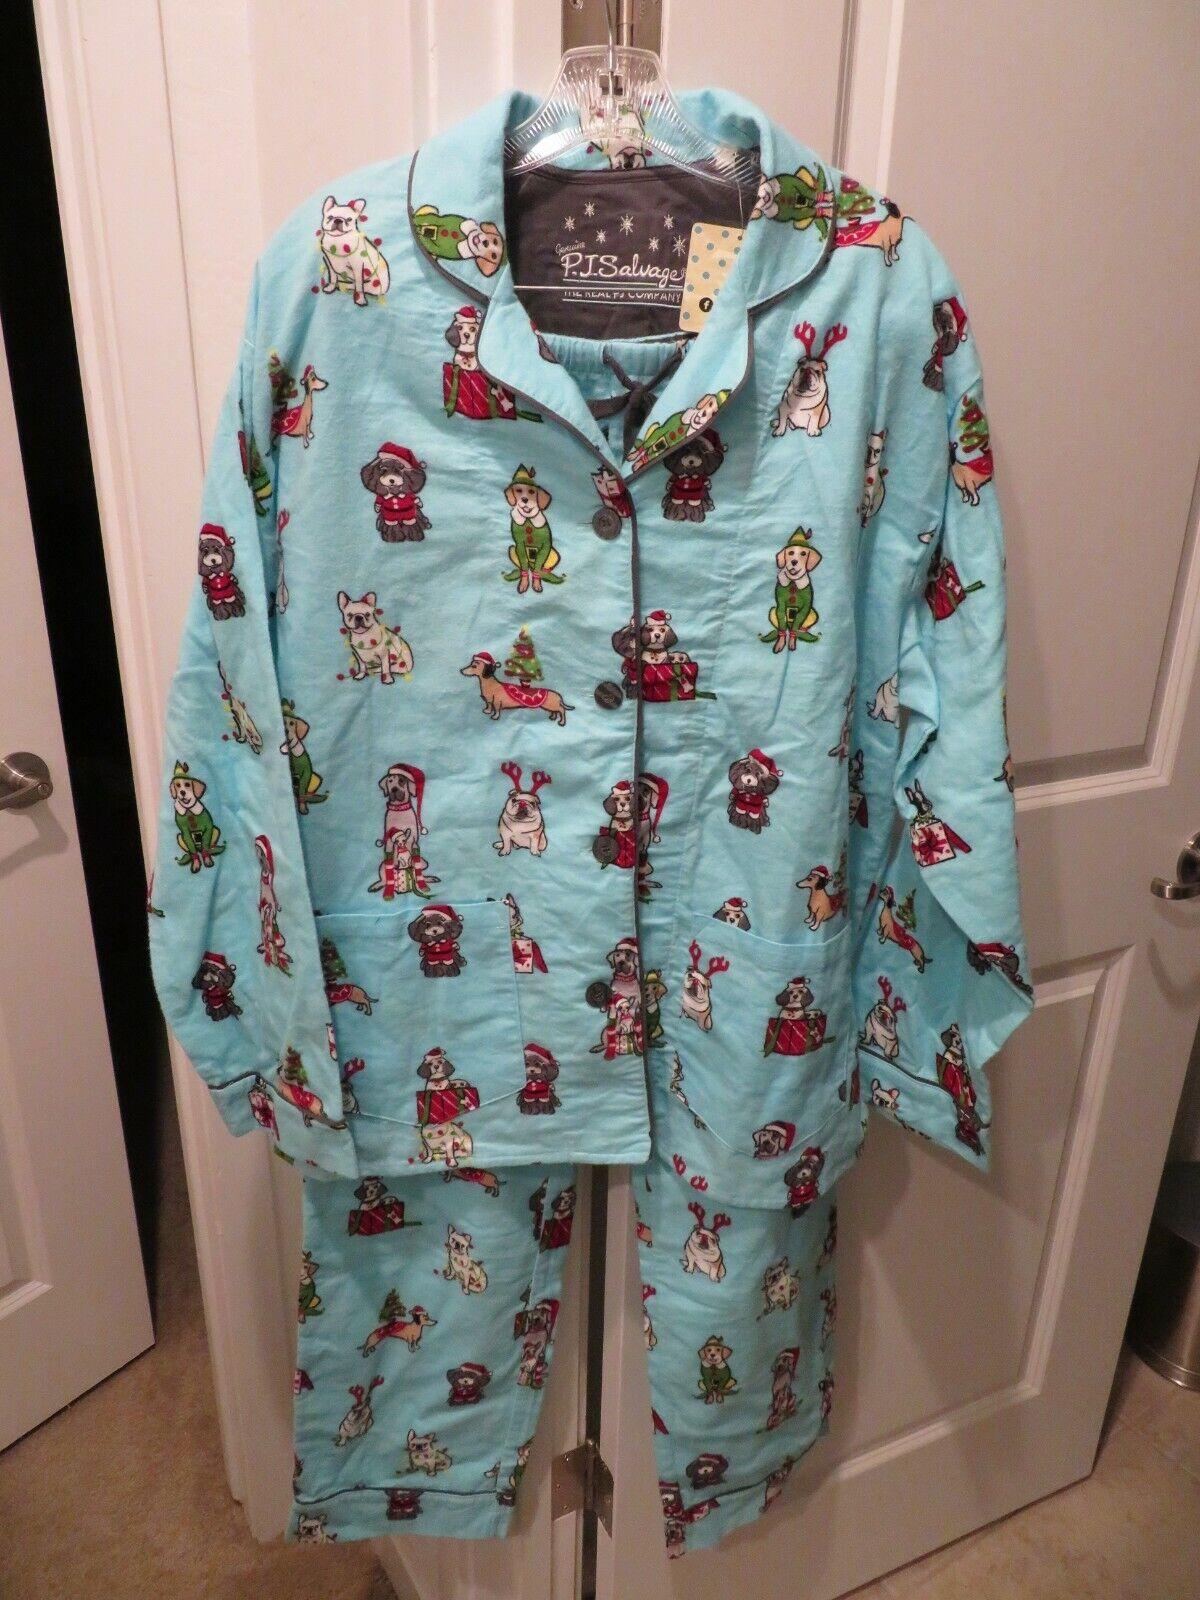 PJ Salvage Christmas Dog Pajama Set - Dachshund French Engli